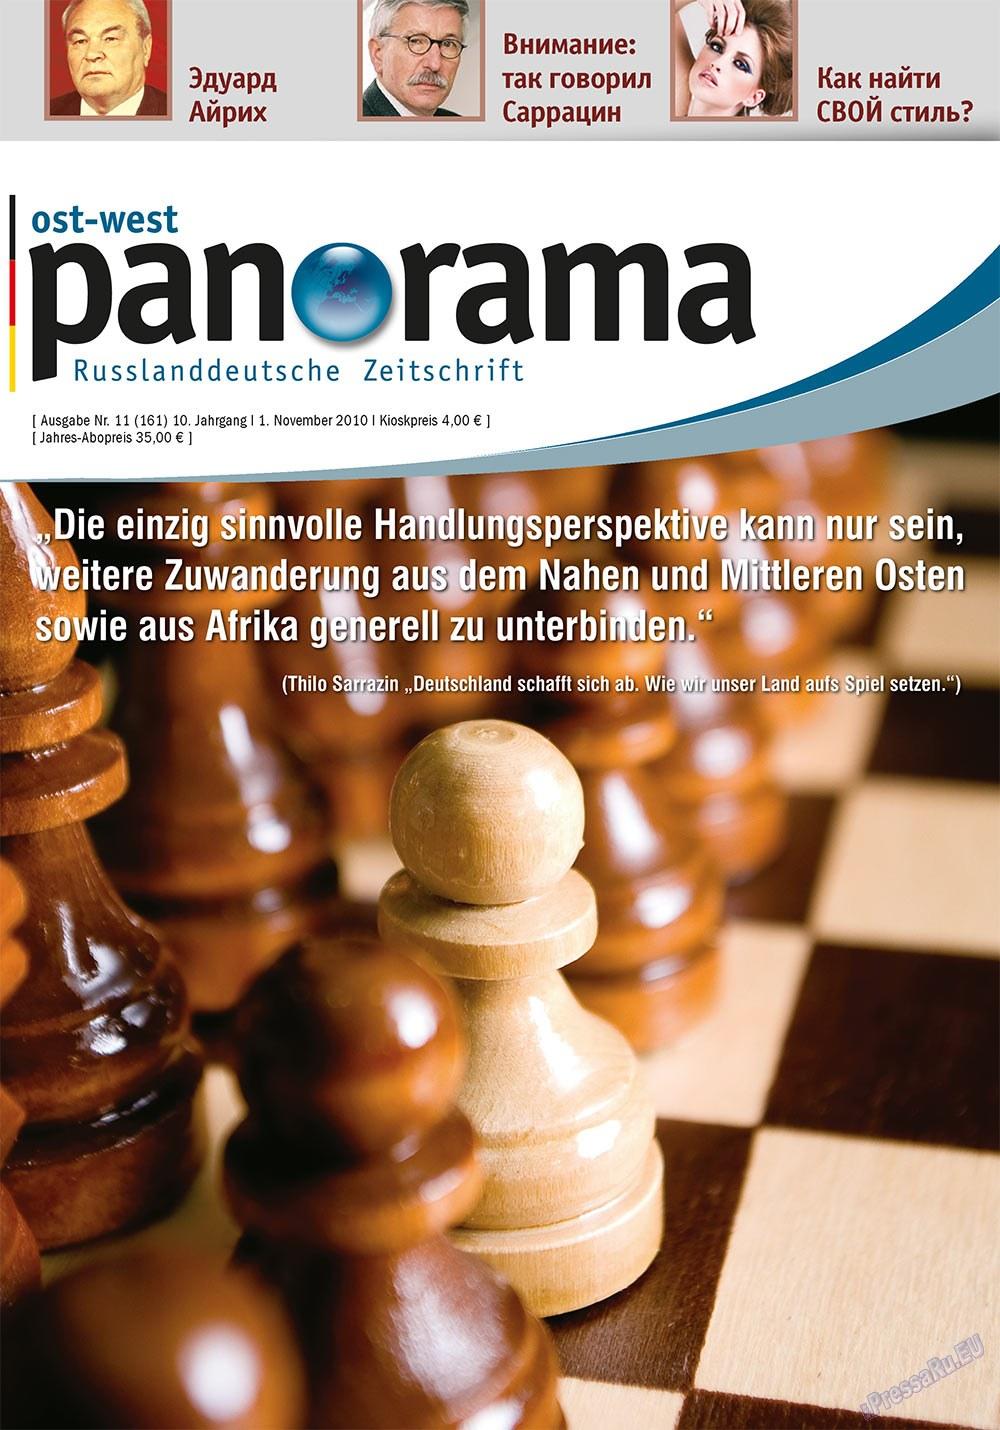 Ost-West Panorama (журнал). 2010 год, номер 11, стр. 1